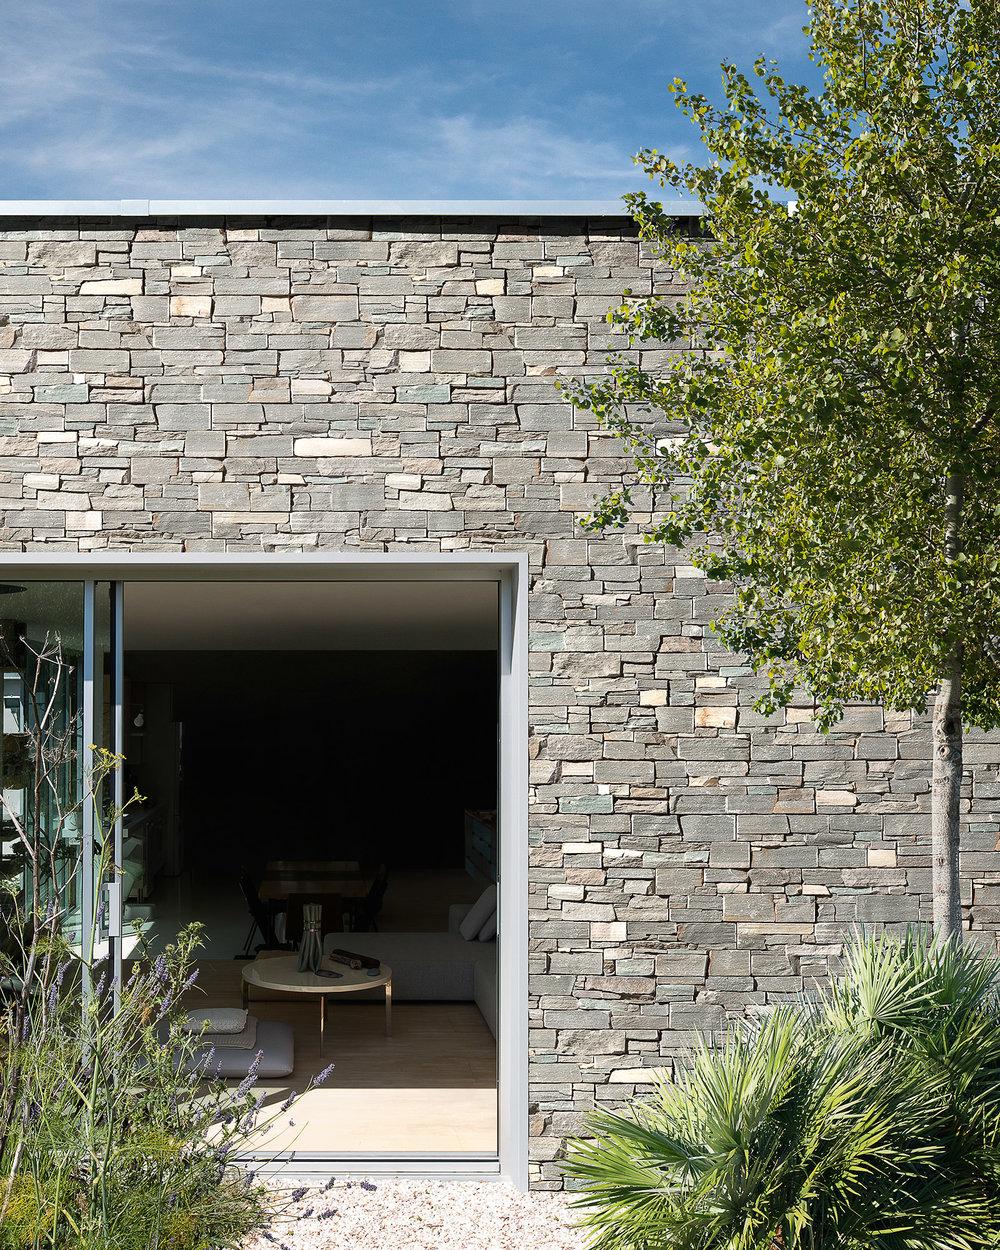 ARCHITECTURE_Cupa_Terrasse2.jpg